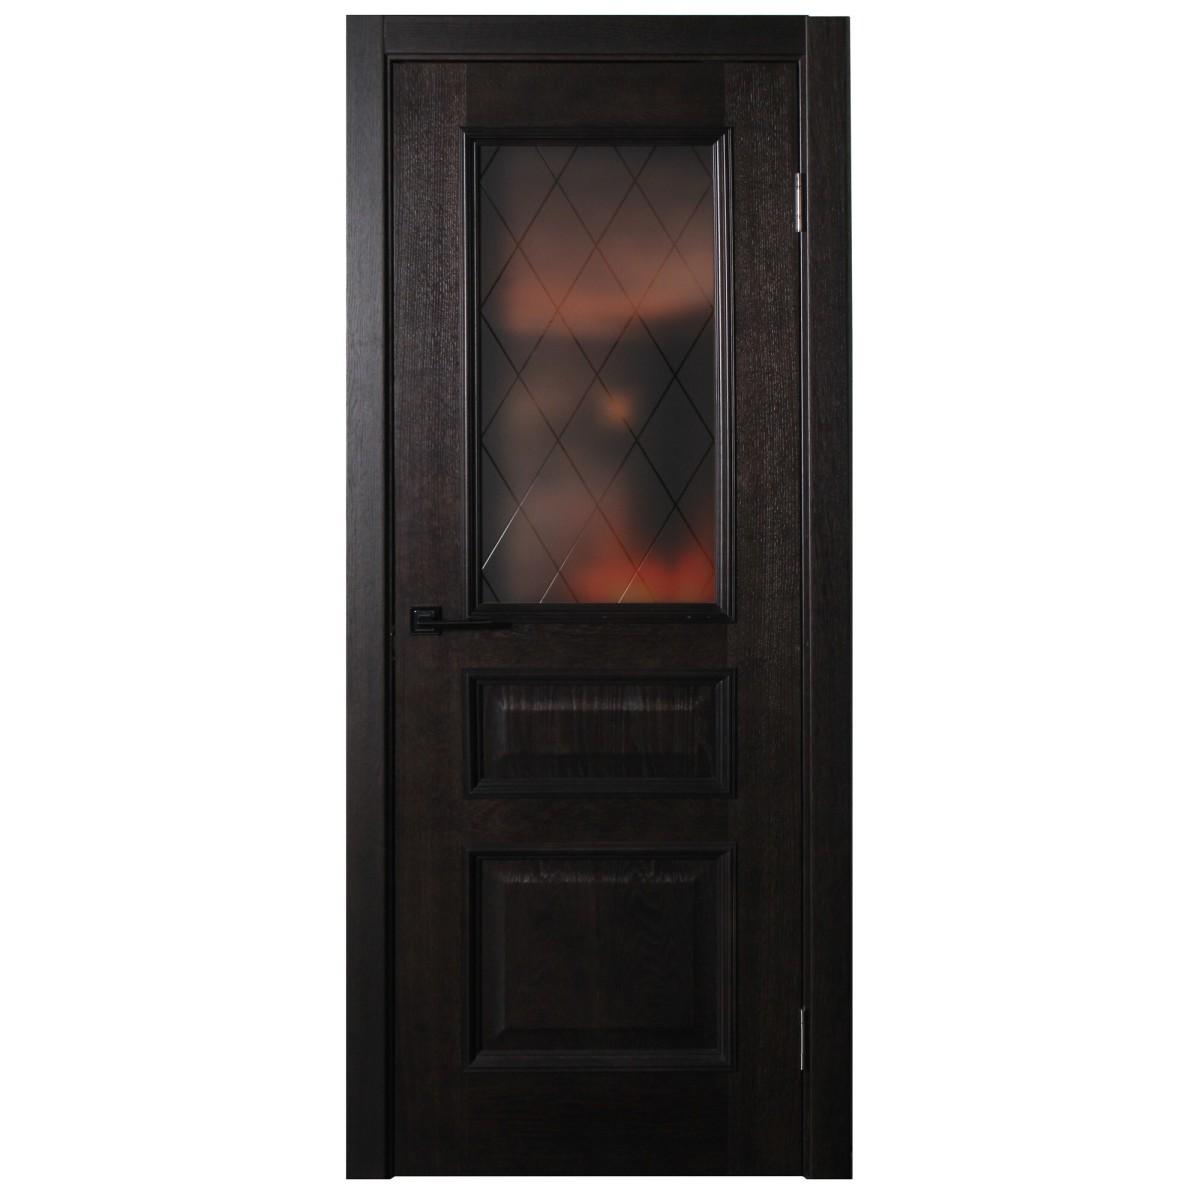 Дверь межкомнатная остеклённая шпон Вельми 80x200 см цвет венге